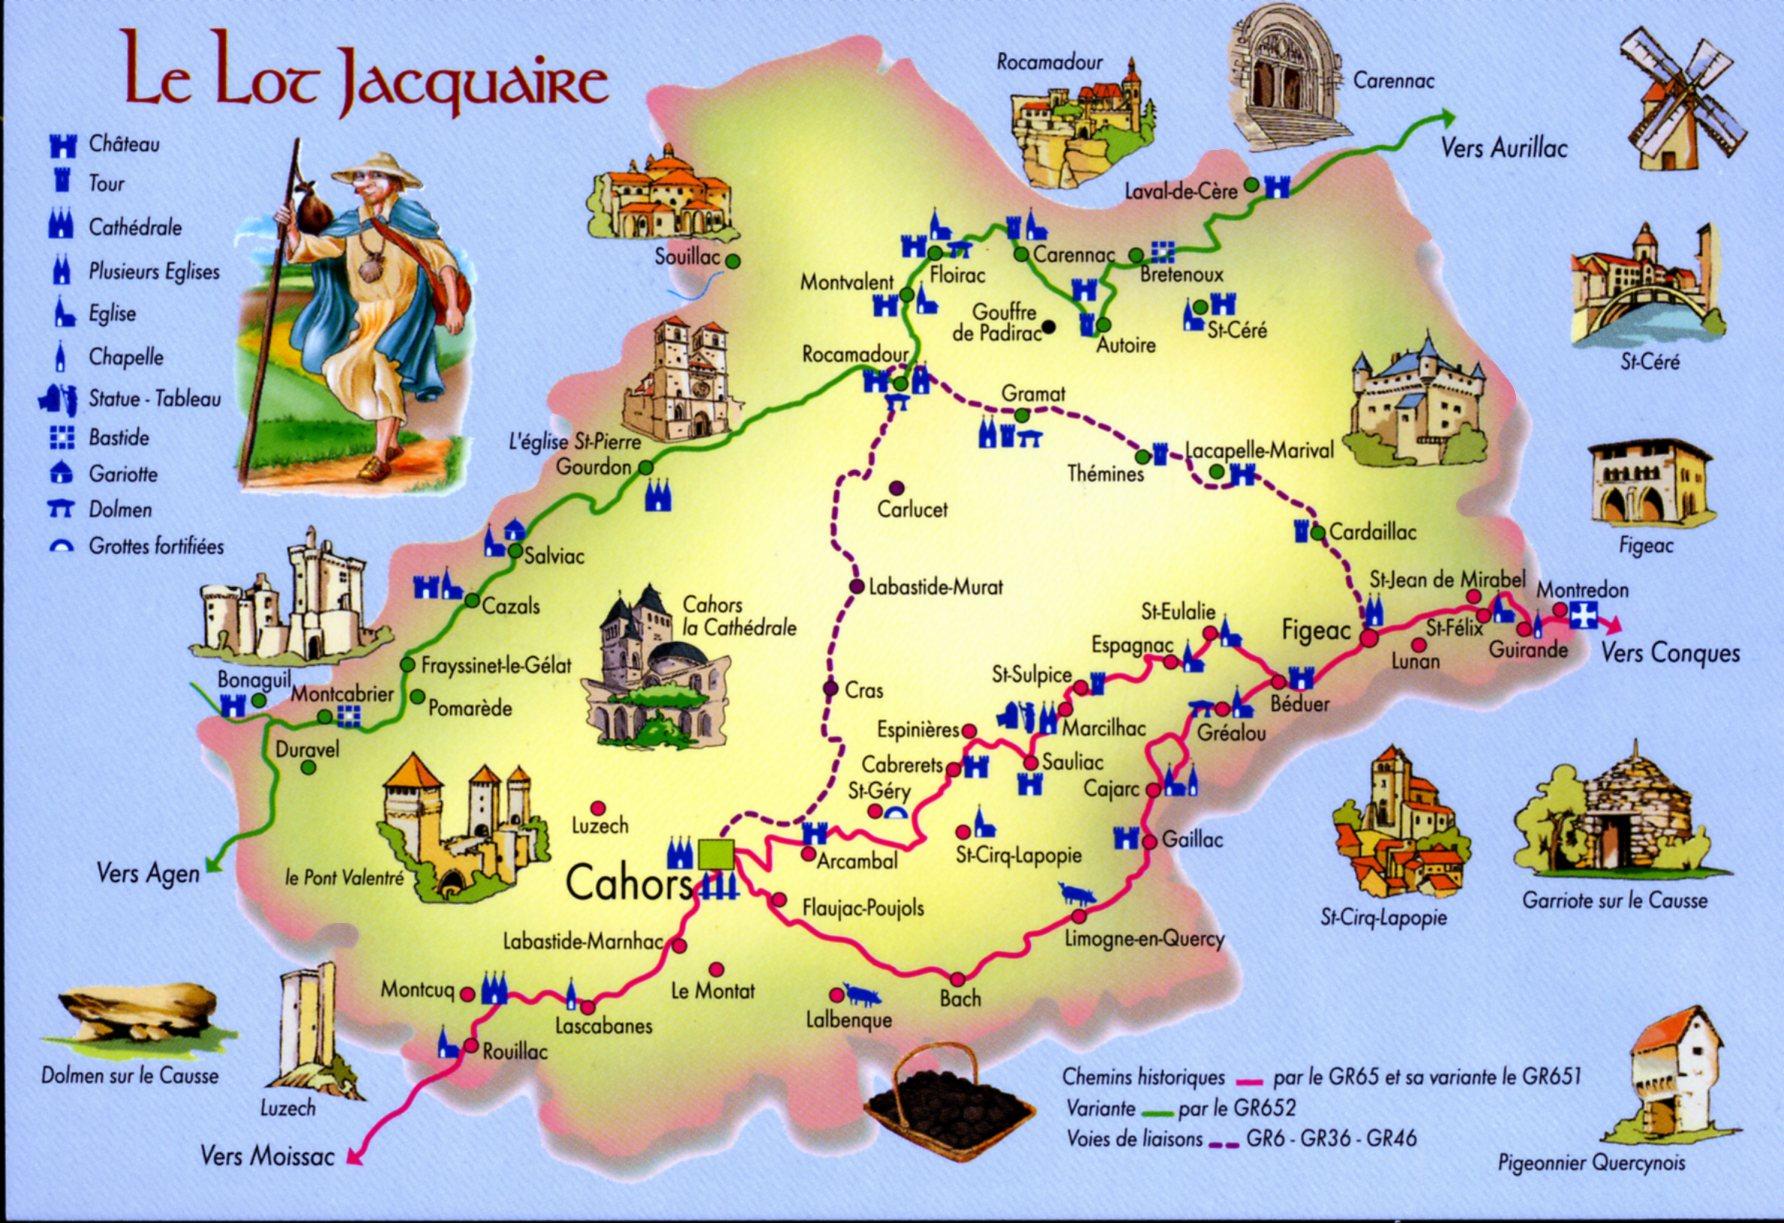 Photo à Cahors (46000) : Le Lot Jacquaire (carte postale de 1990). - Cahors, 228577 Communes.com